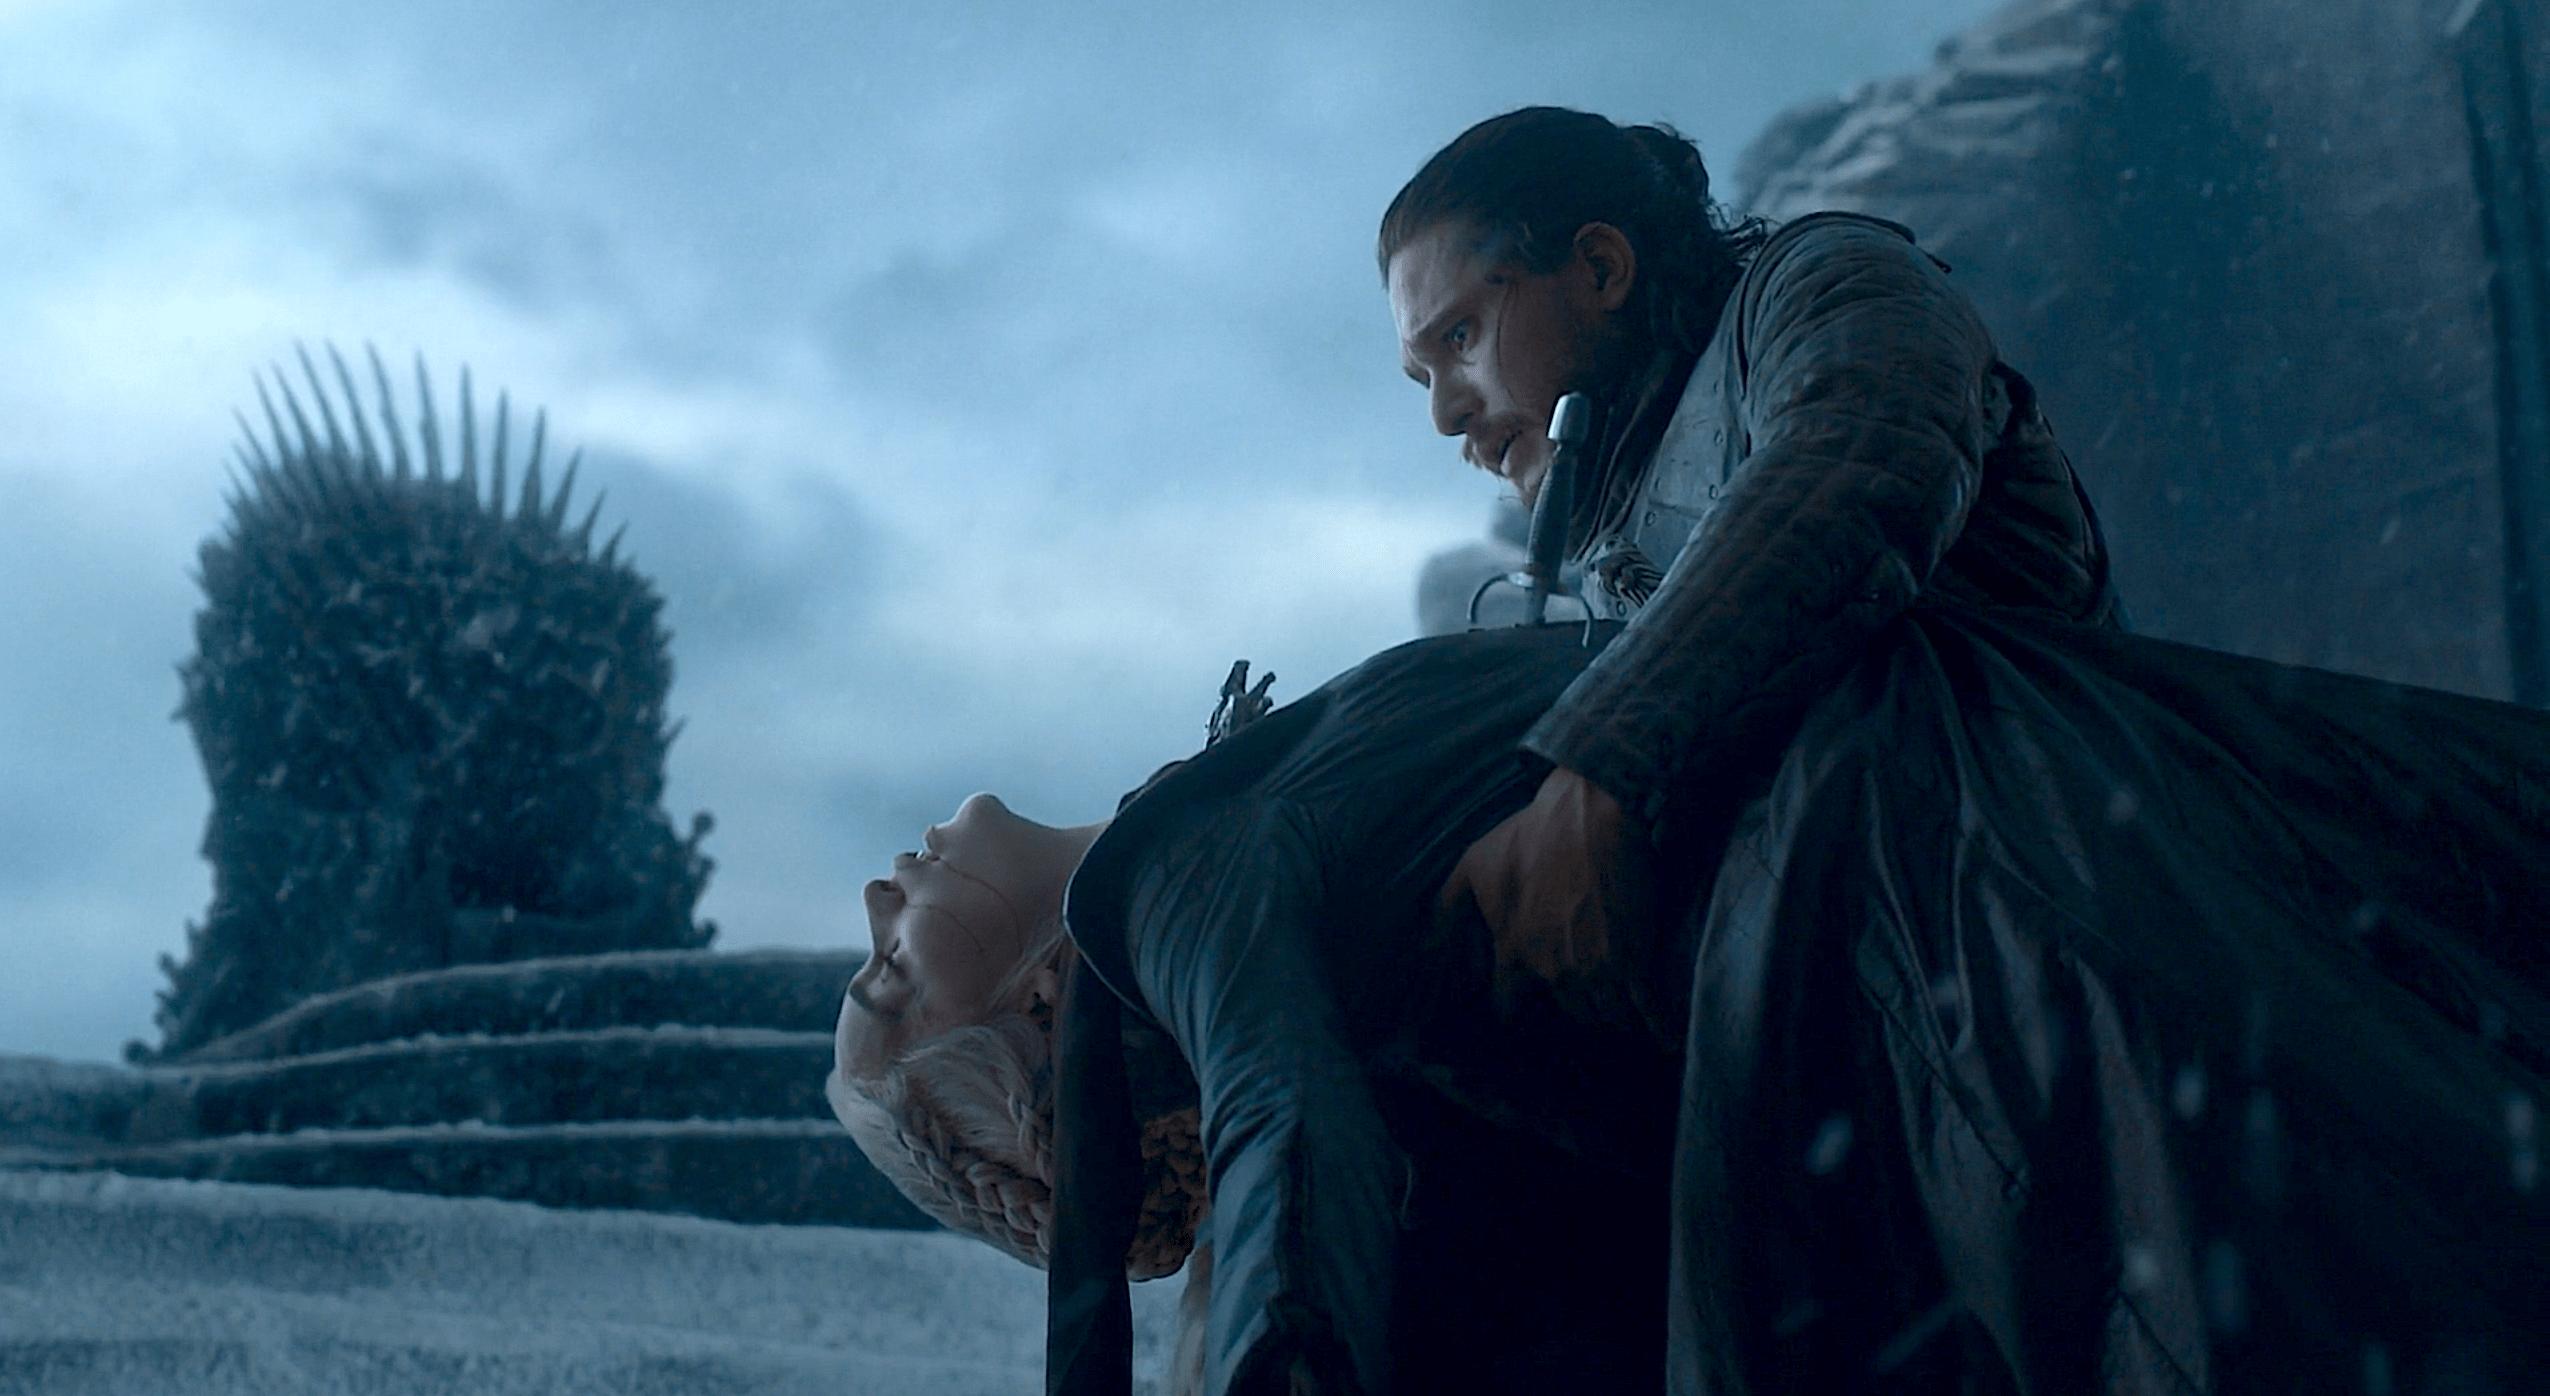 La morte di Daenerys per mano di Jon